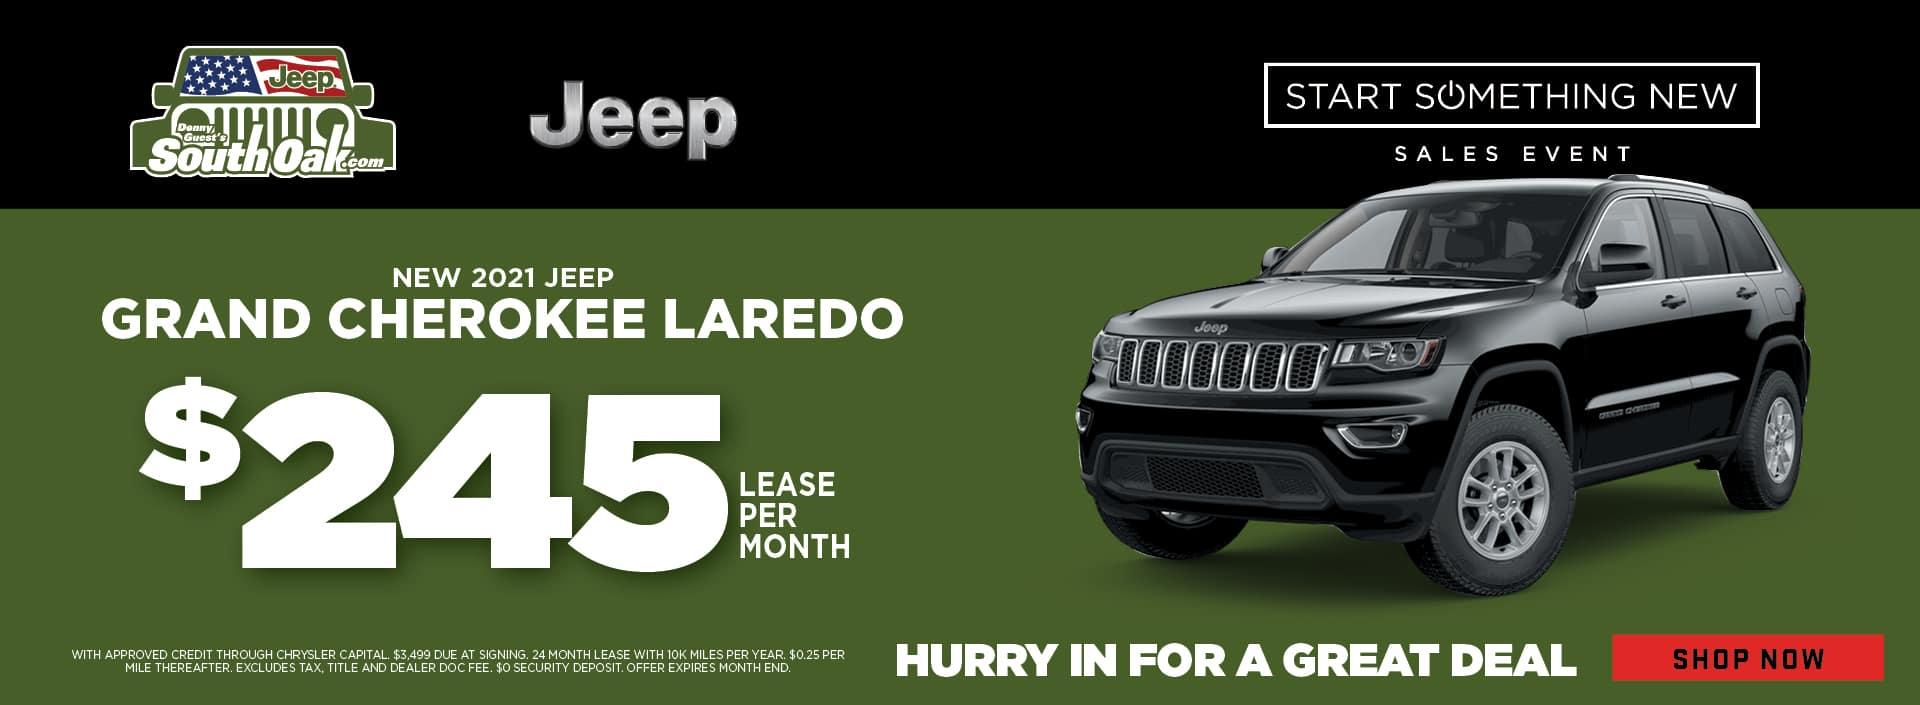 Grand Cherokee Laredo